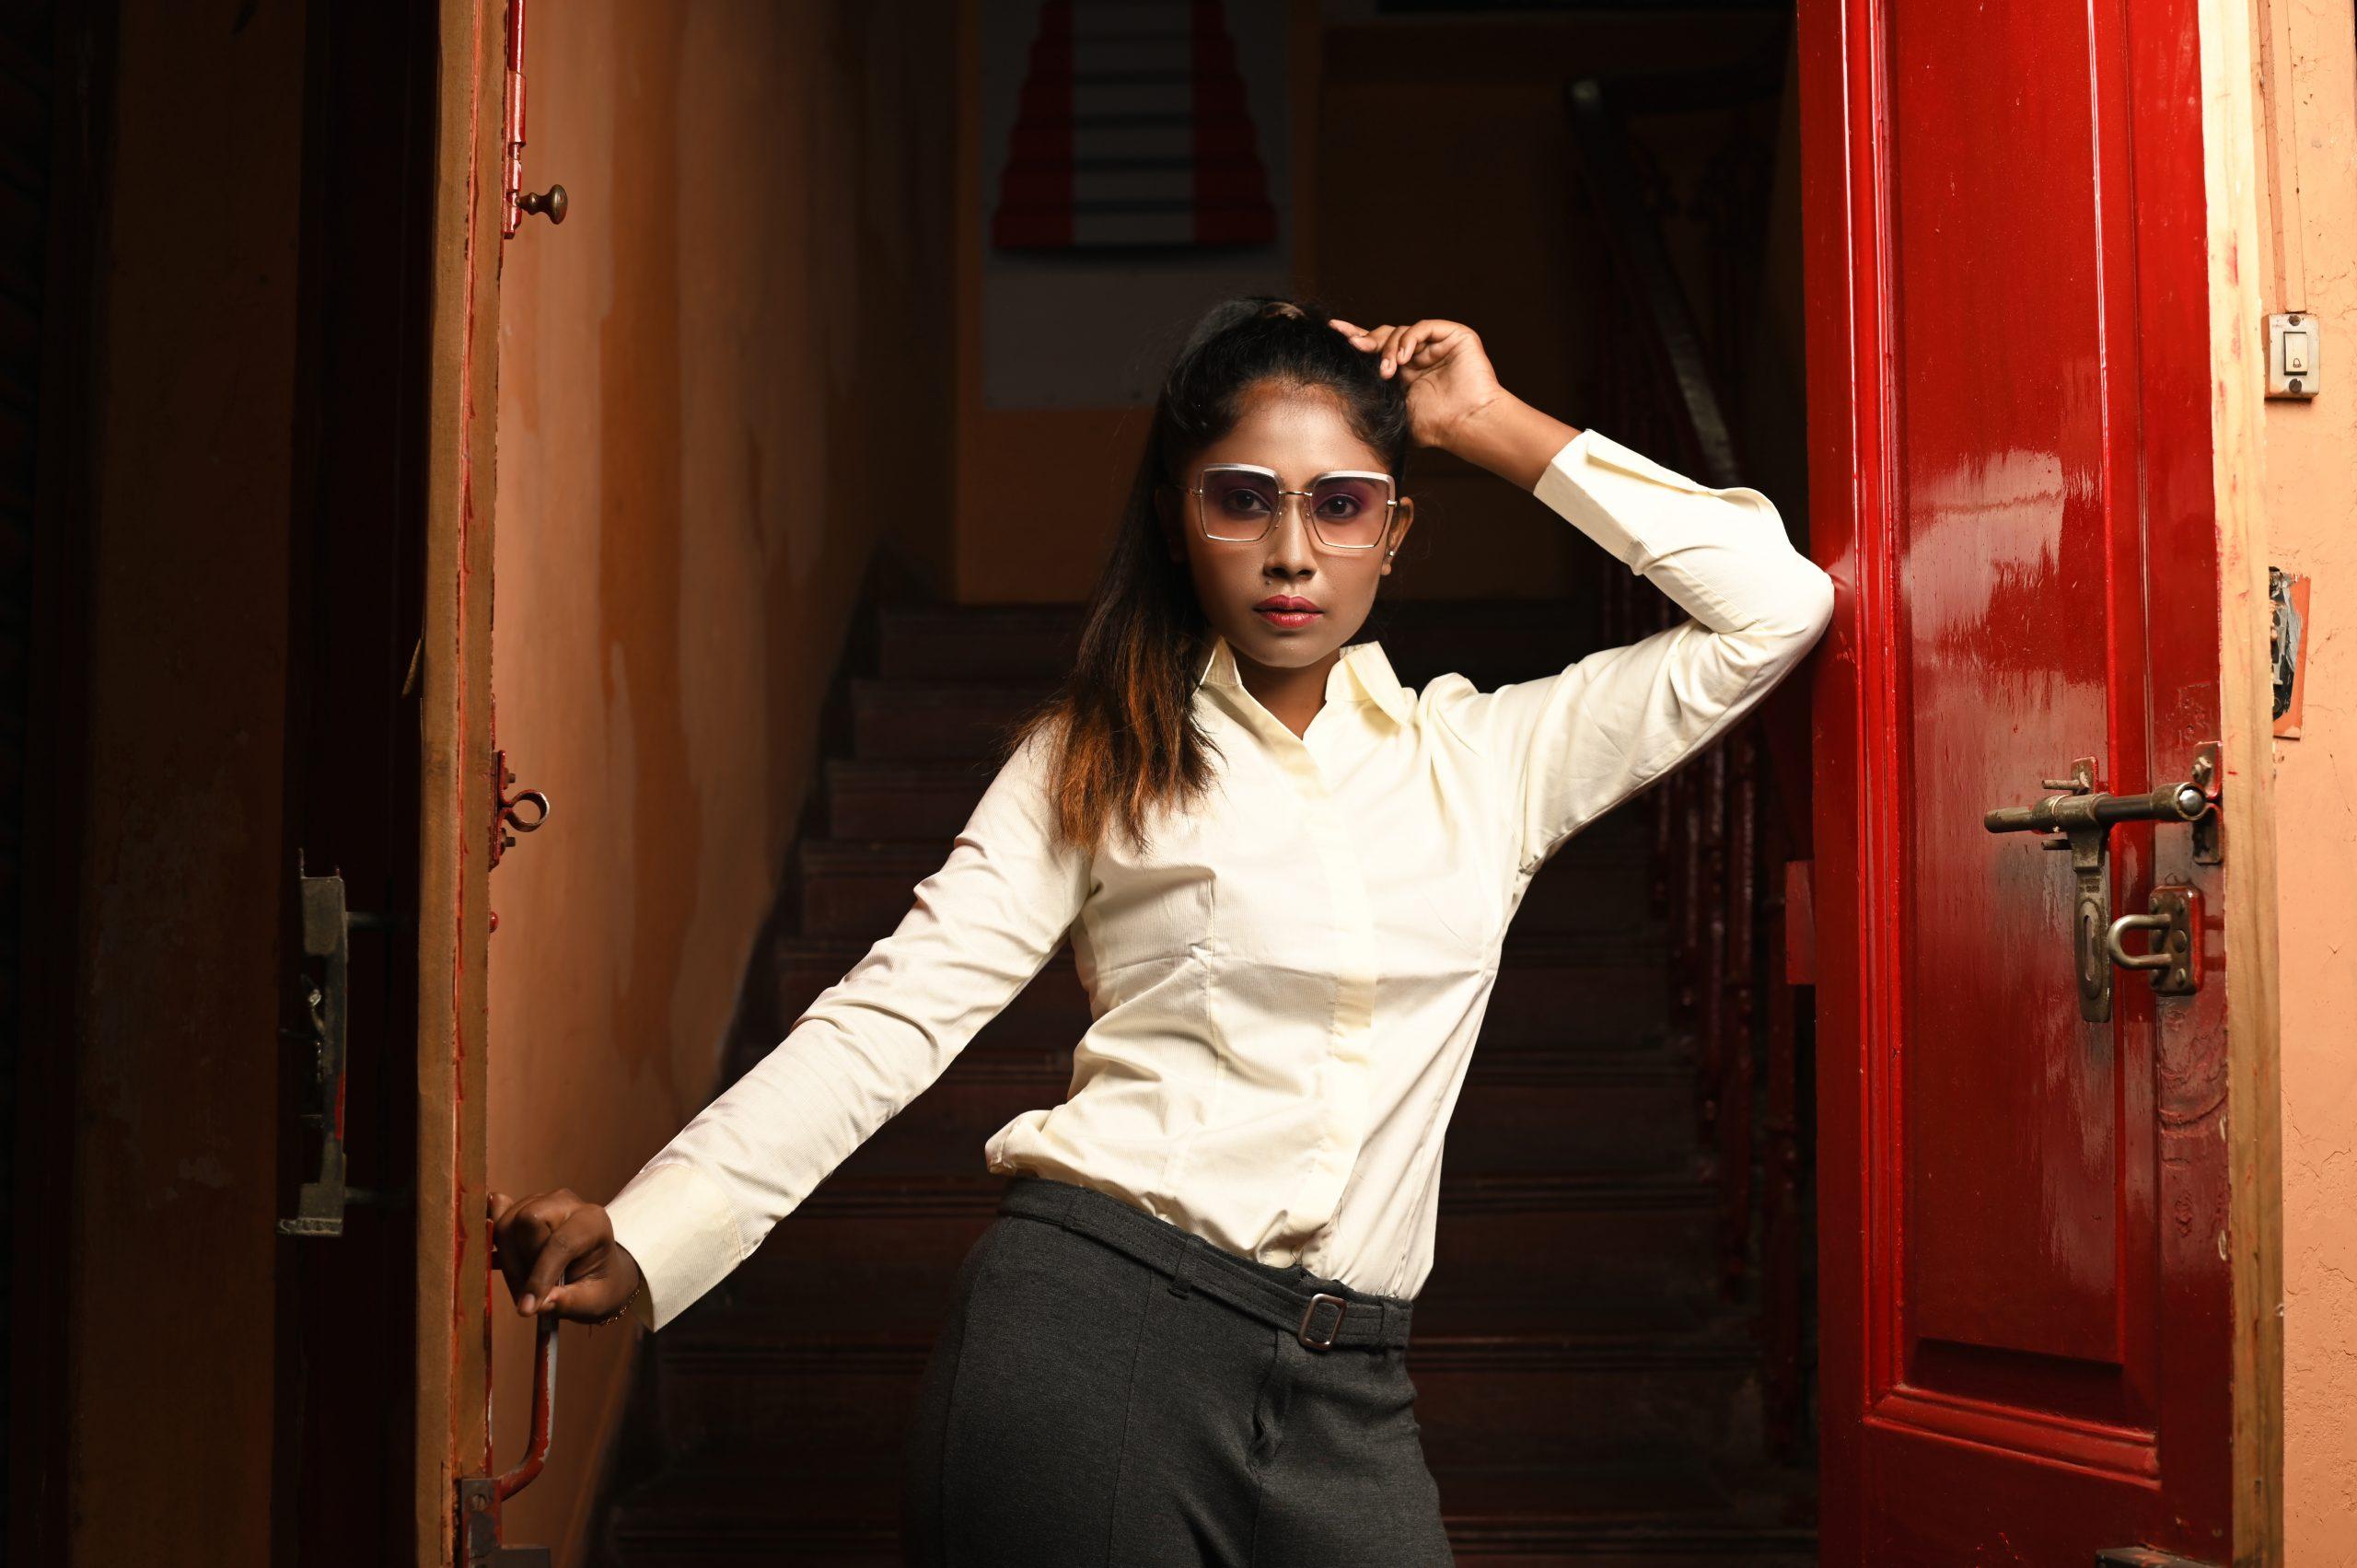 Stylish Corporate Woman